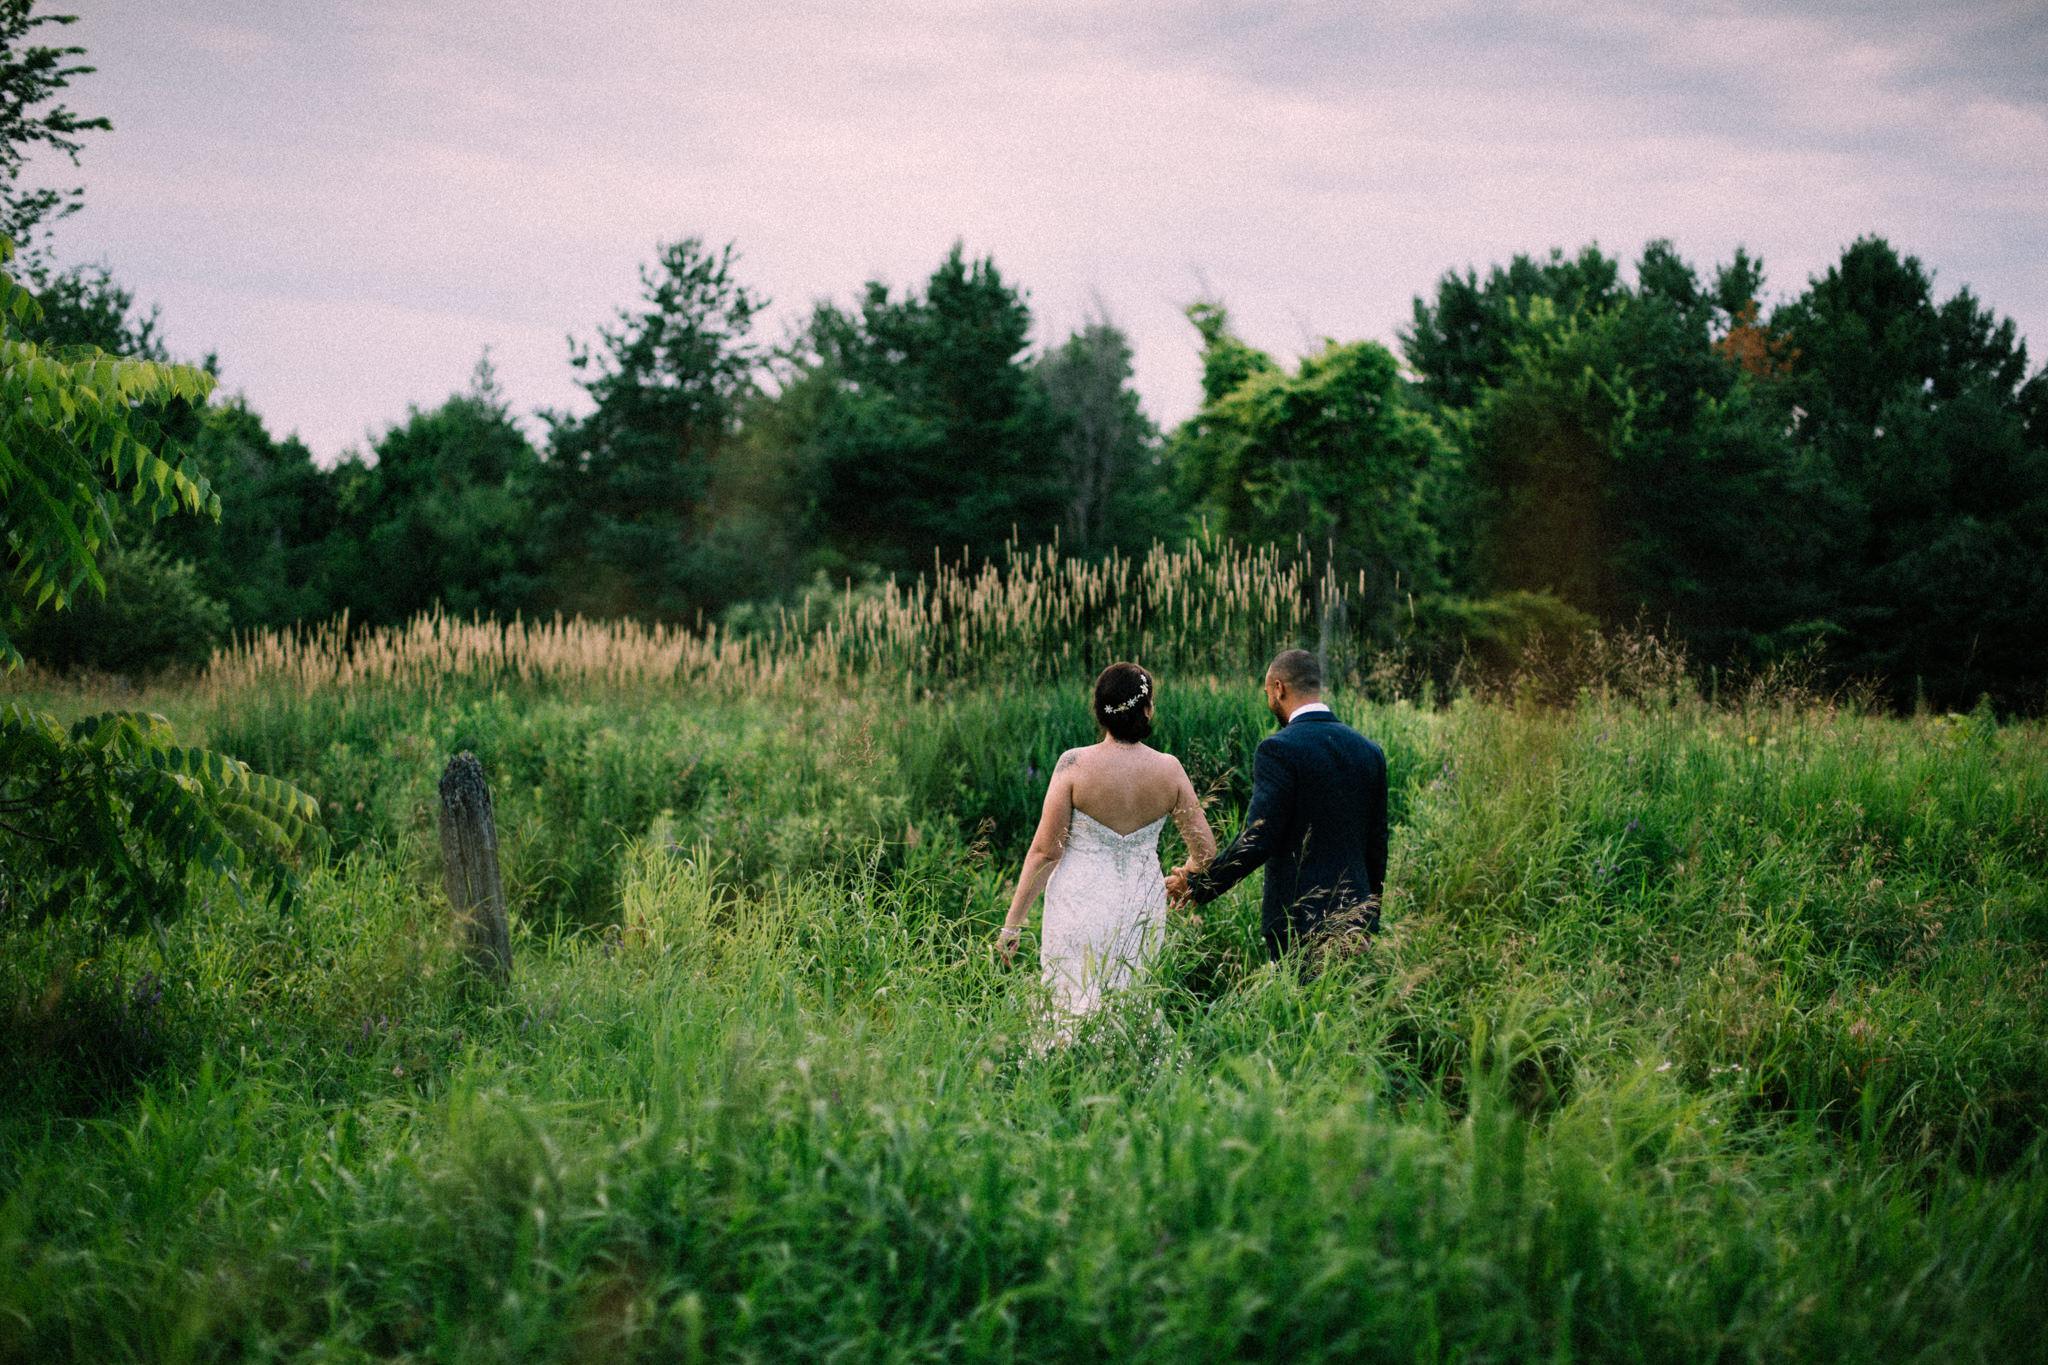 Orillia summer wedding at Northbrook Farms by Max Wong Photo (32)